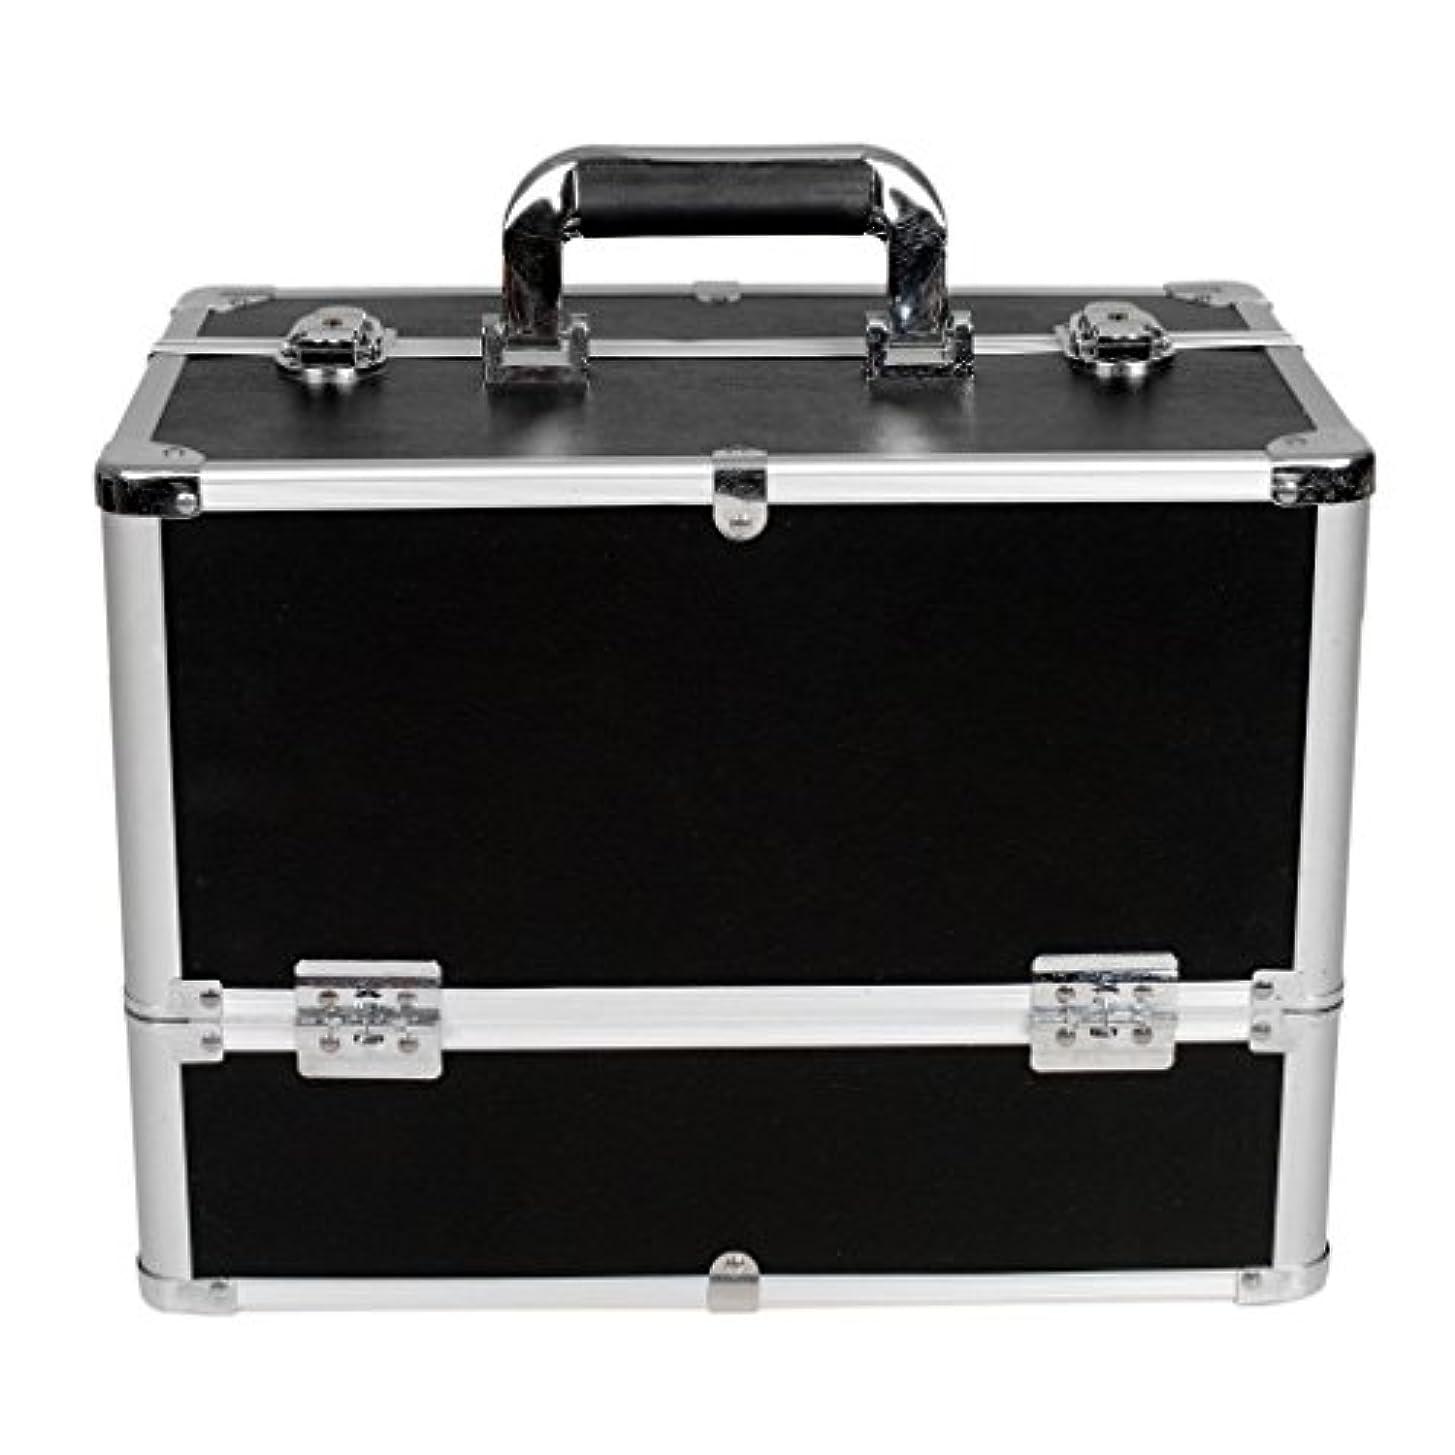 稼ぐ夫またね[プロ仕様]Hapilife メイクボックス 大容量 6つトレイ 幅37cm ネイル ジュエリー ドライヤー アクセサリー シューケア用品 収納ケース ブラック